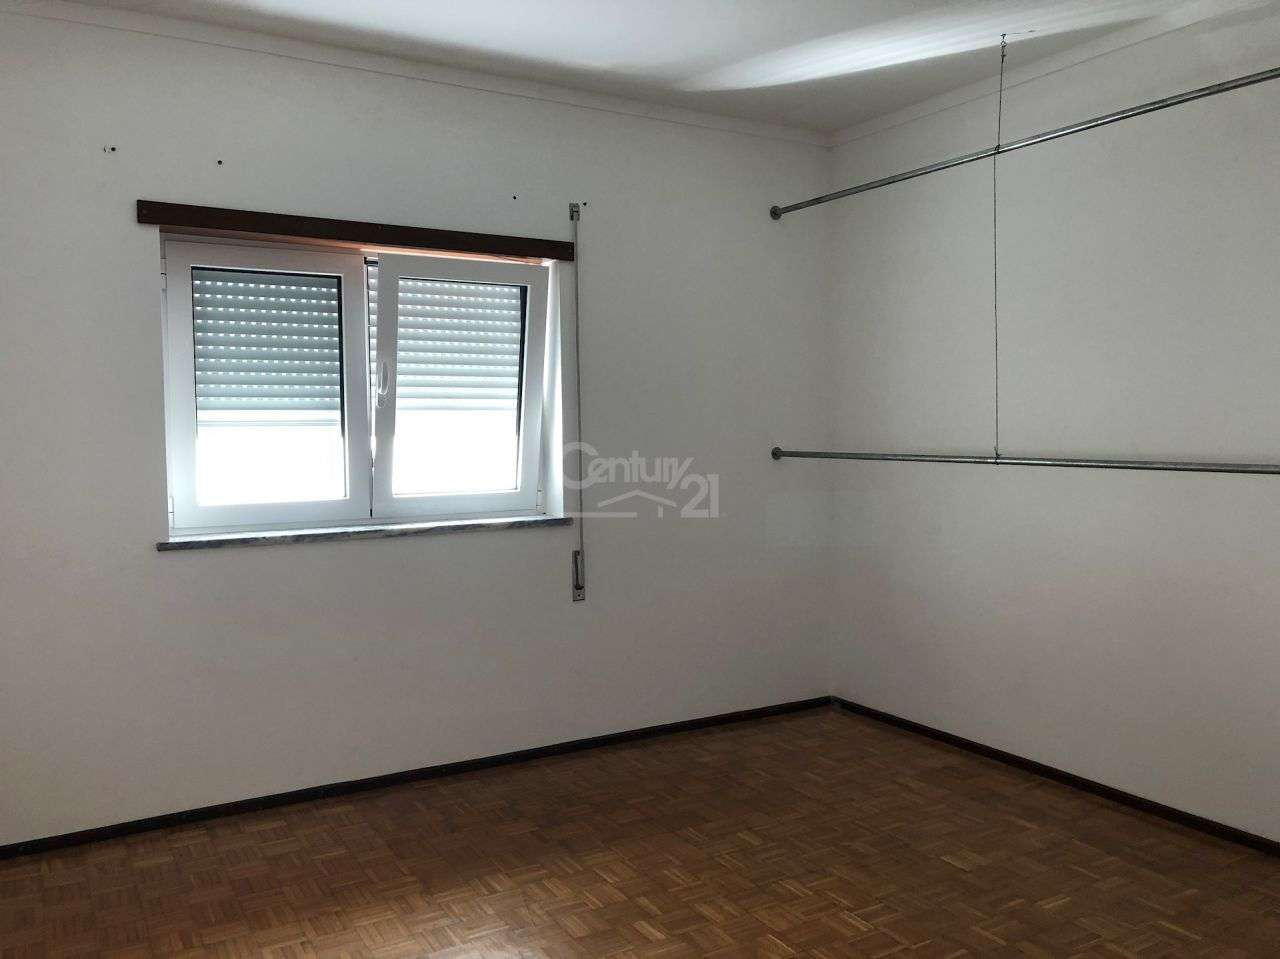 Apartamento para comprar, Castro Daire, Viseu - Foto 7